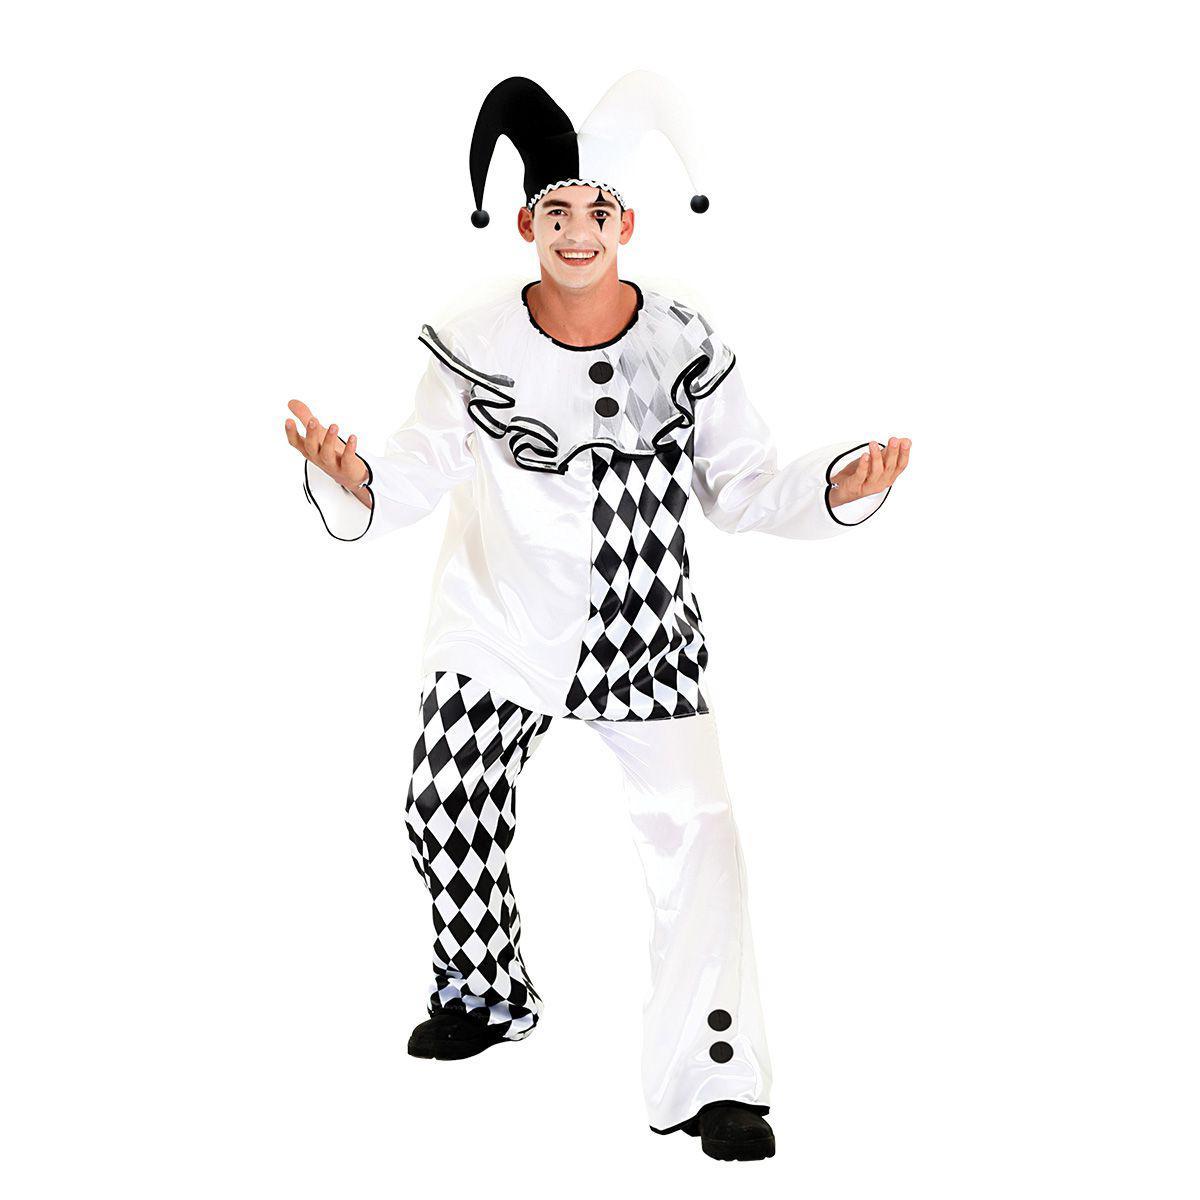 708ba63c6bb68 Fantasia Pierro Masculino - Circo - Fantasias - Magazine Luiza